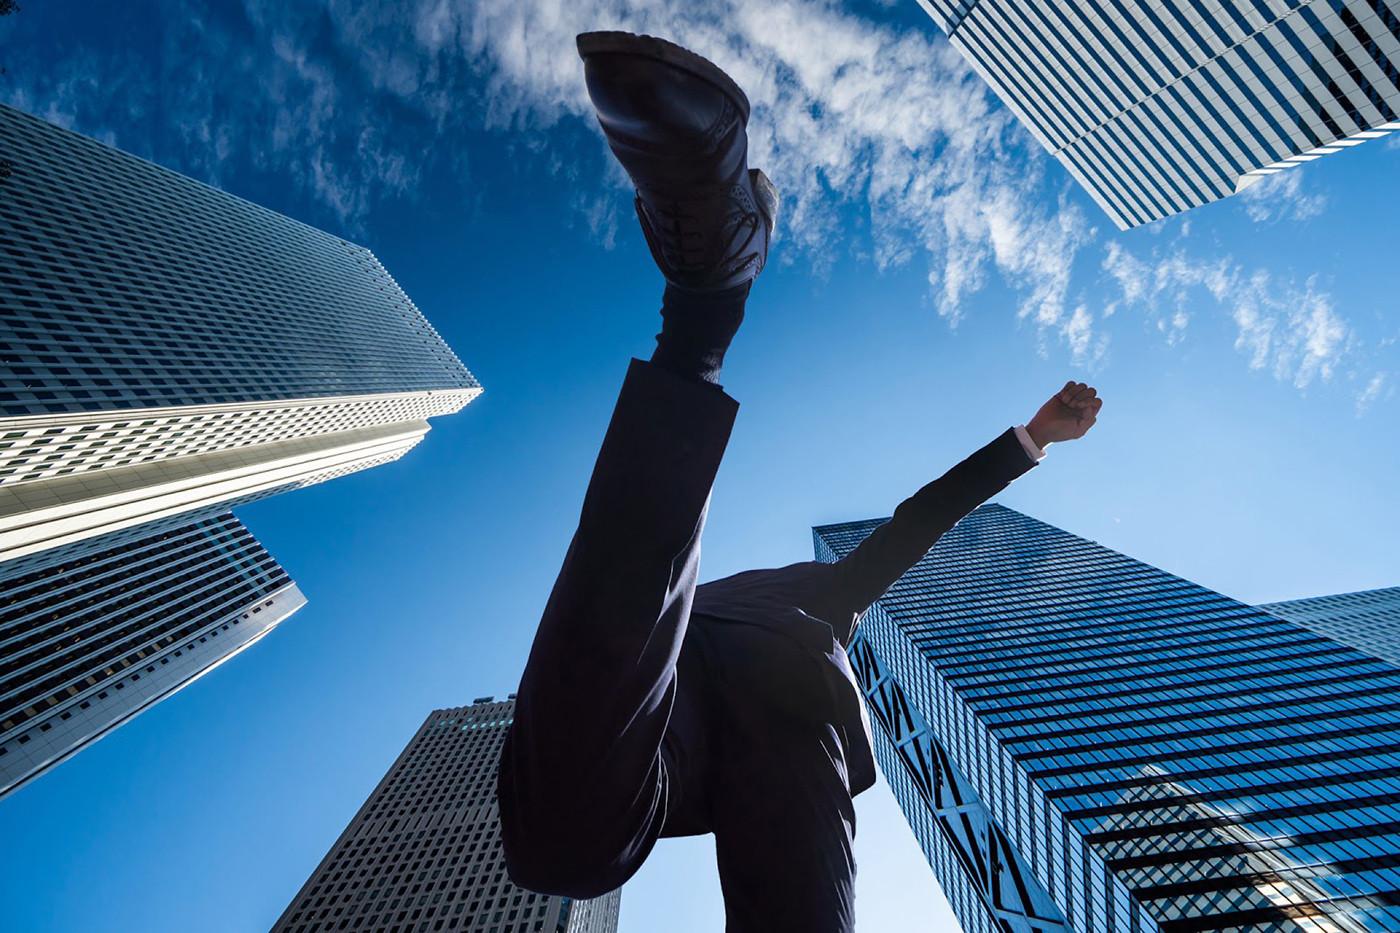 ビル街でスーツを着た男性がジャンプしている様子を下から写したイメージ